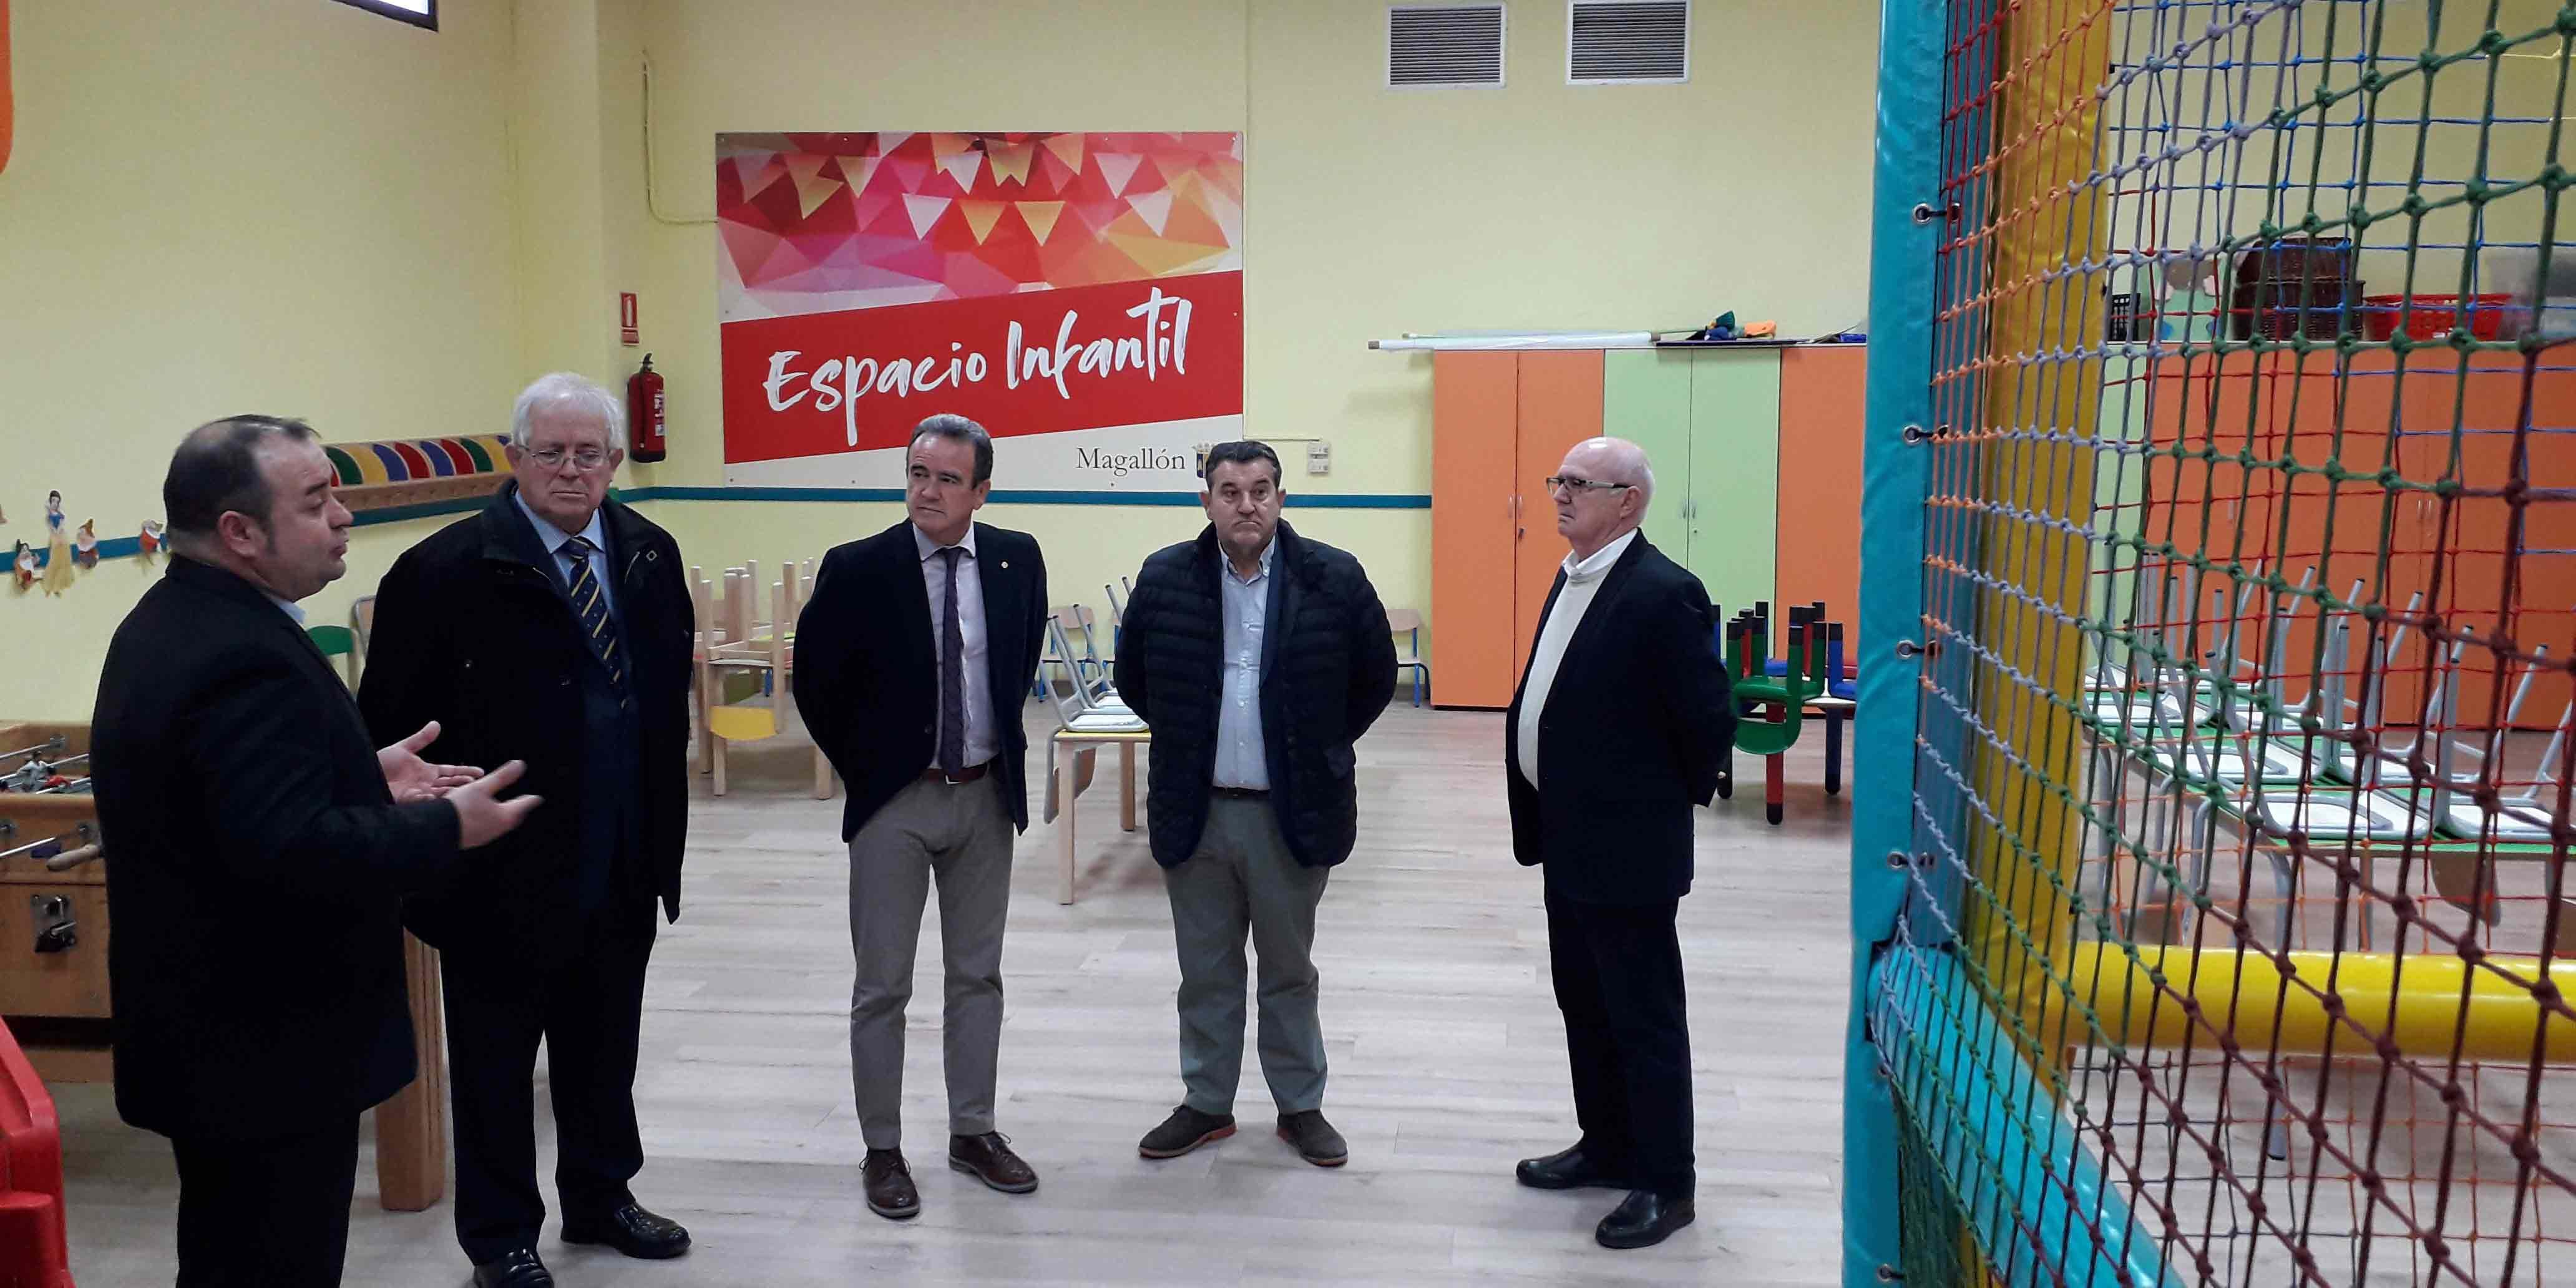 El espacio infantil ha supuesto una inversión cercana a los 60.000 euros